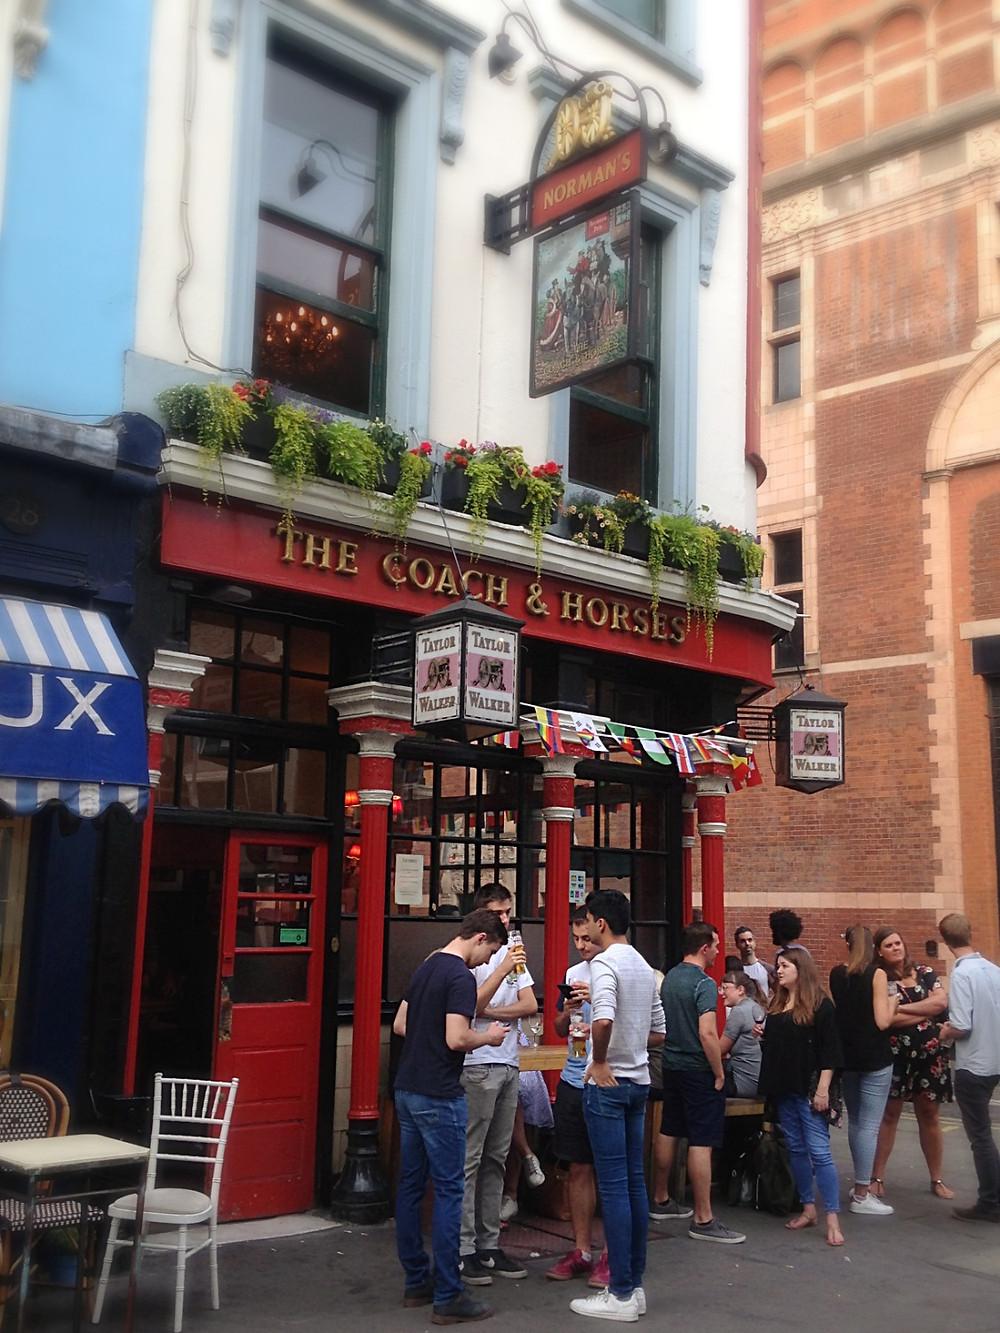 exterior of The Coach & Horses pub, a vegetarian/vegan pub.